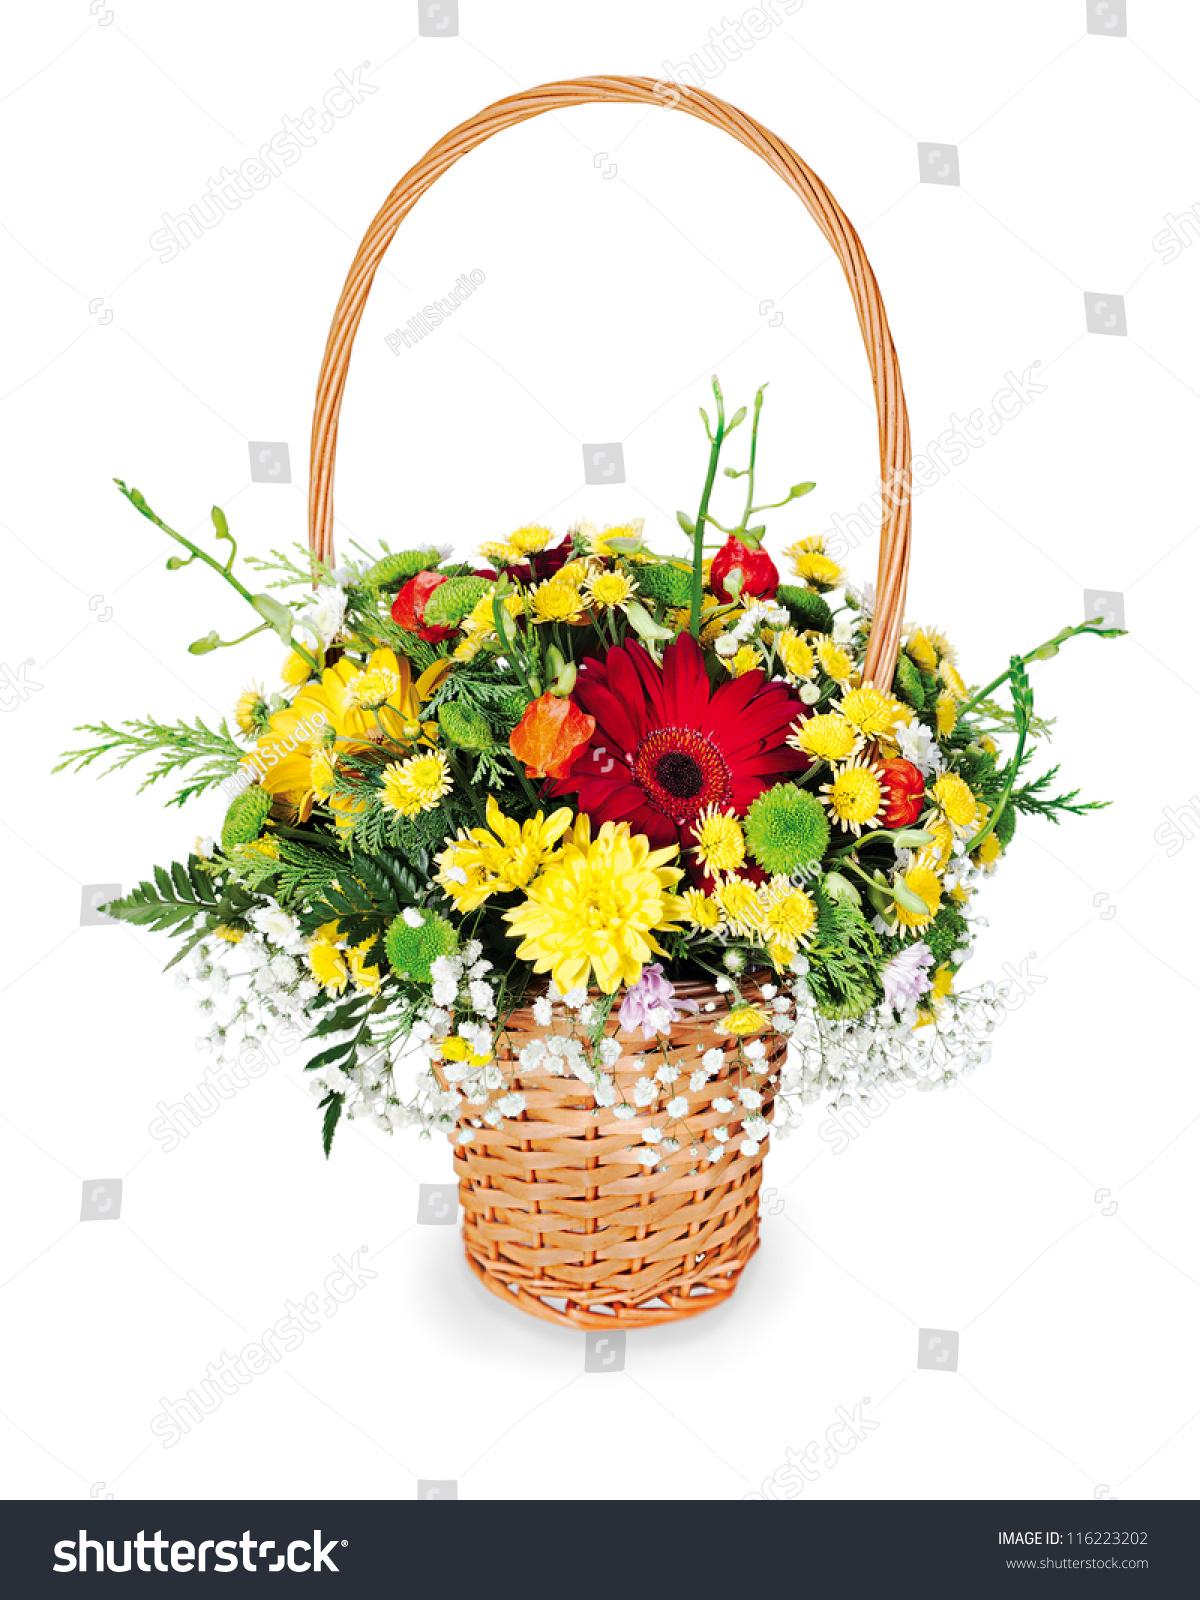 Colorful flower bouquet arrangement centerpiece in a